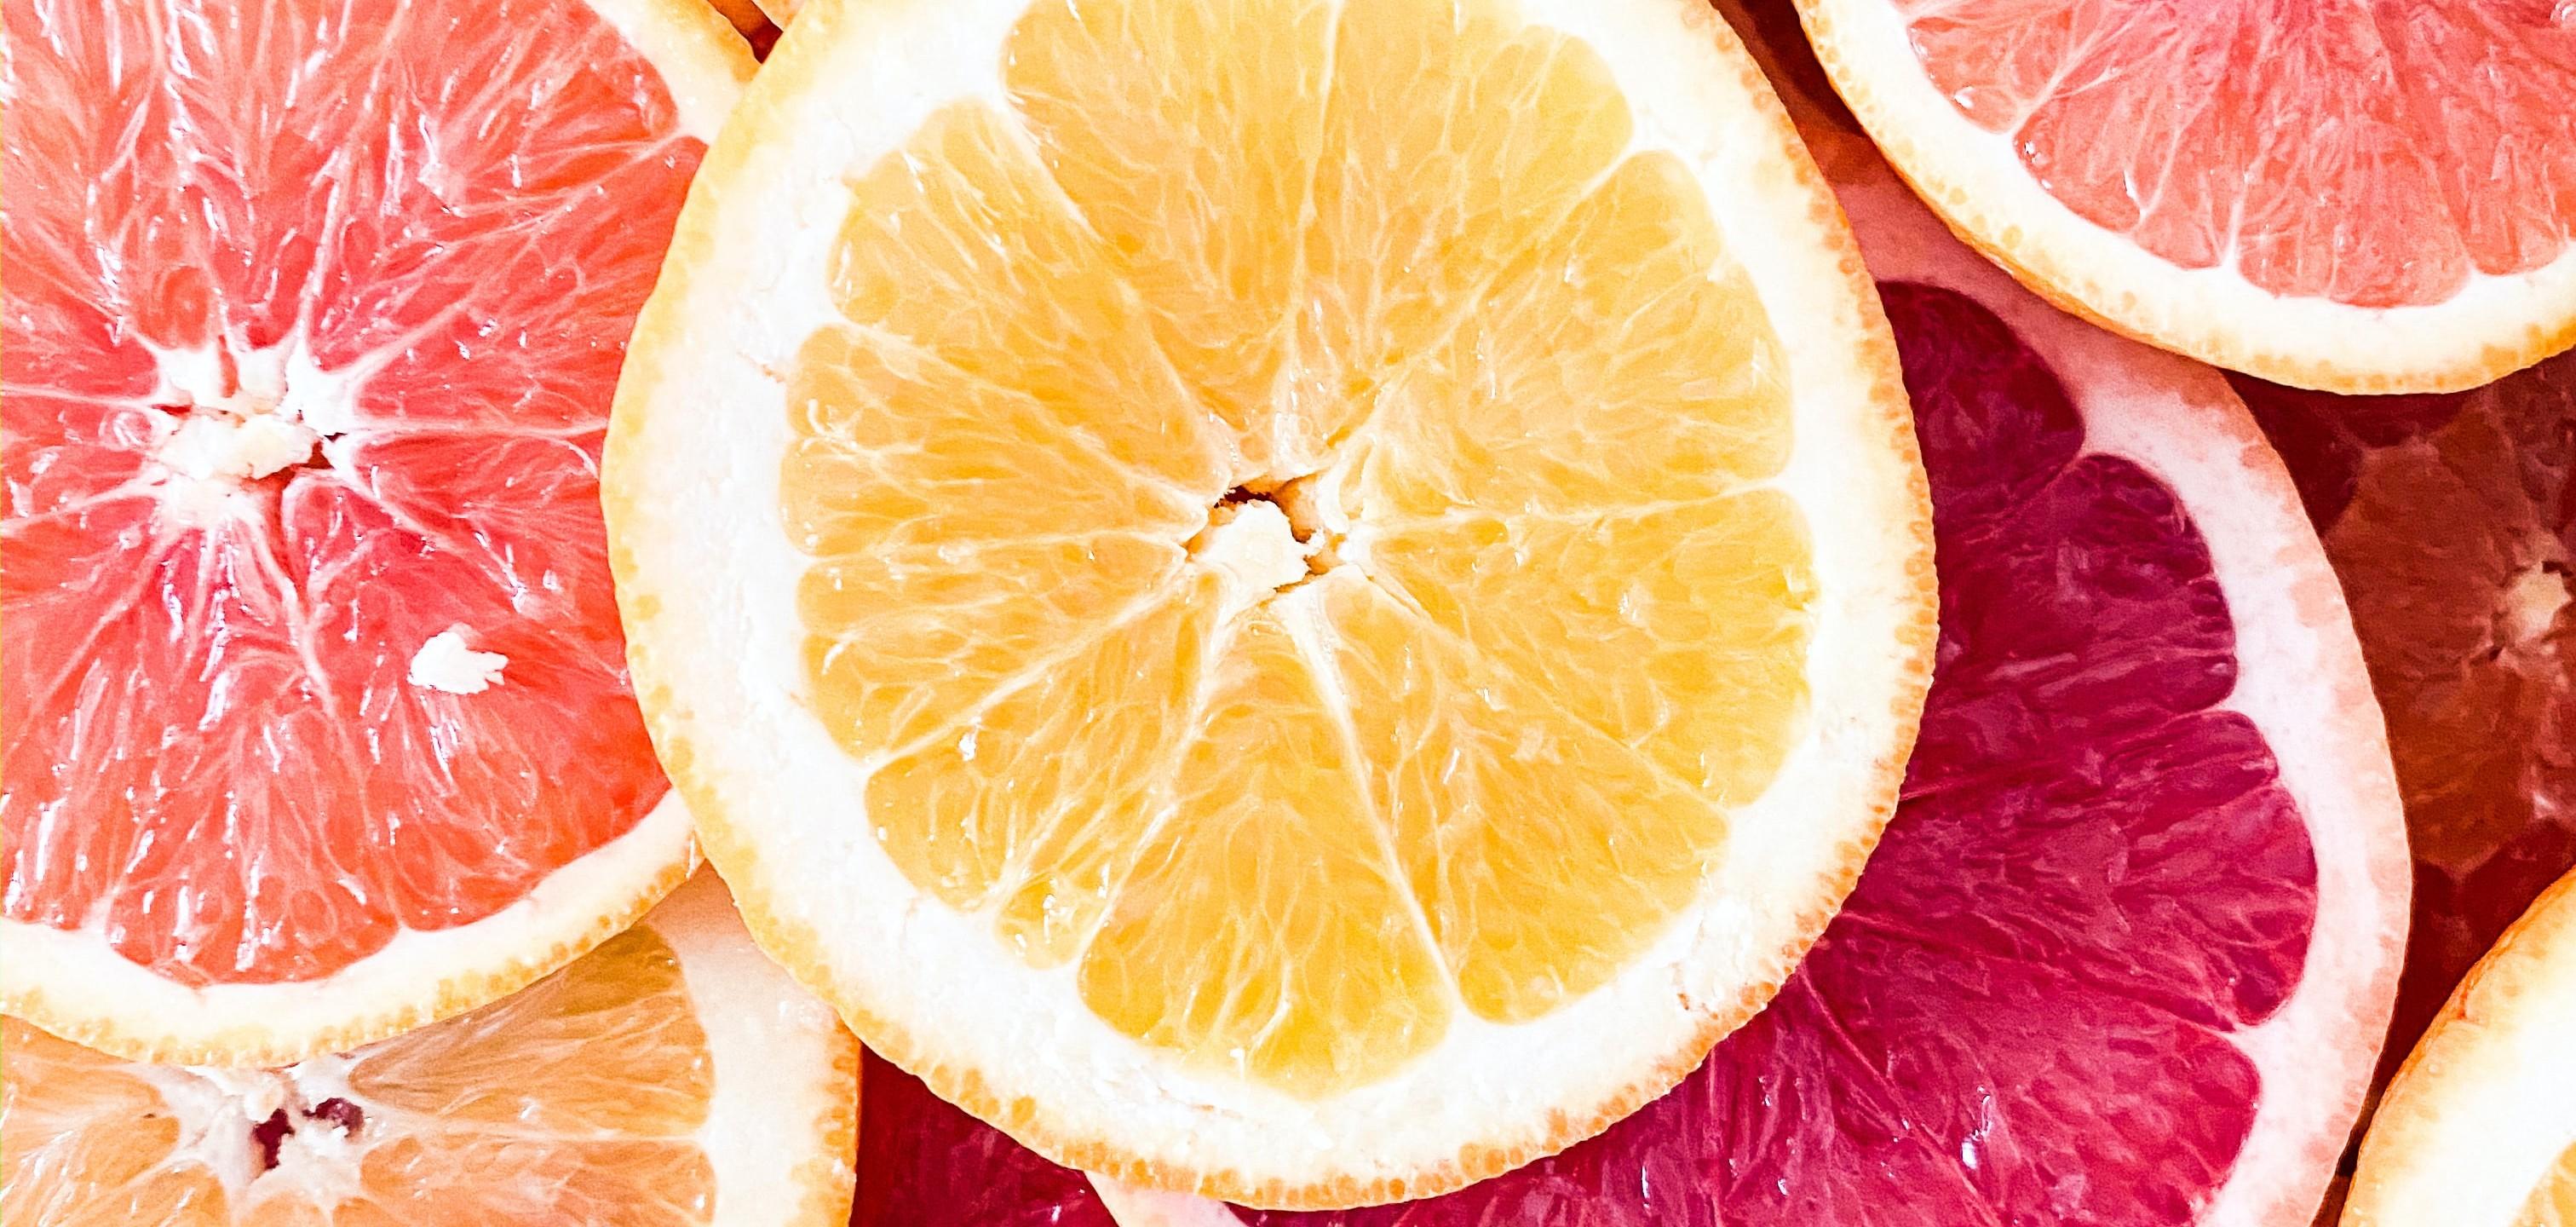 Studenten eten te weinig groenten en fruit | Marcel van Hooijdonk